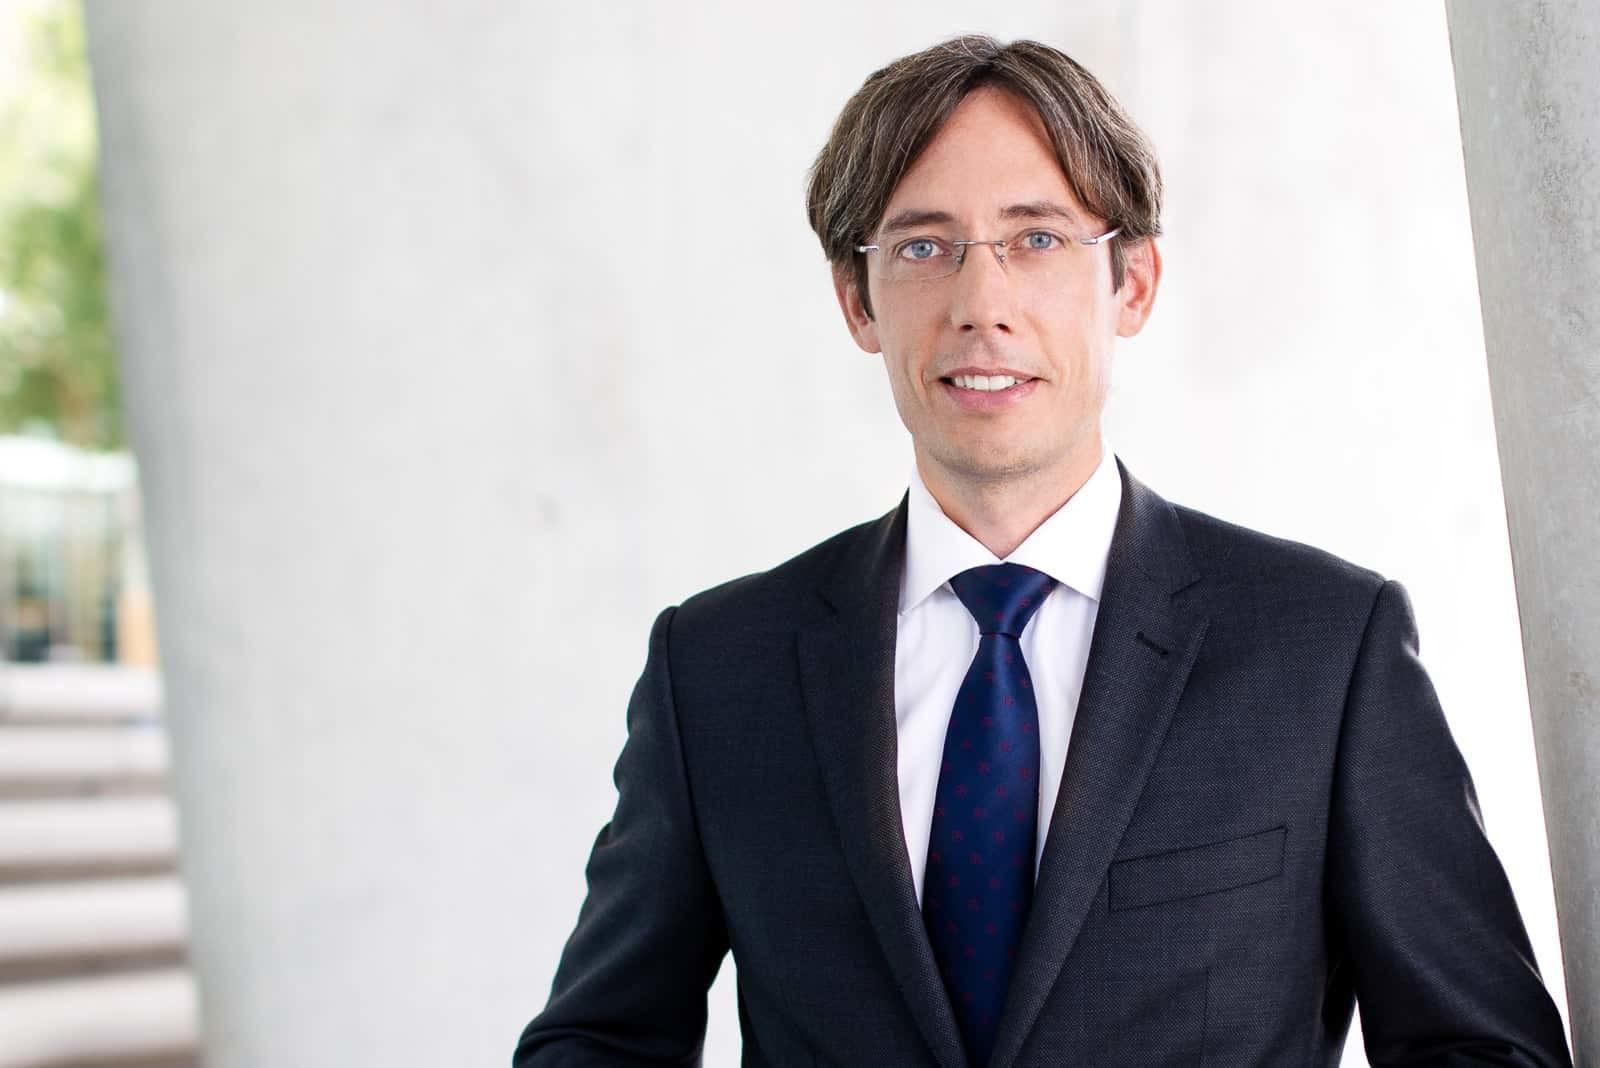 business-fotograf-rechtsanwalt-kanzlei-hamburg-02